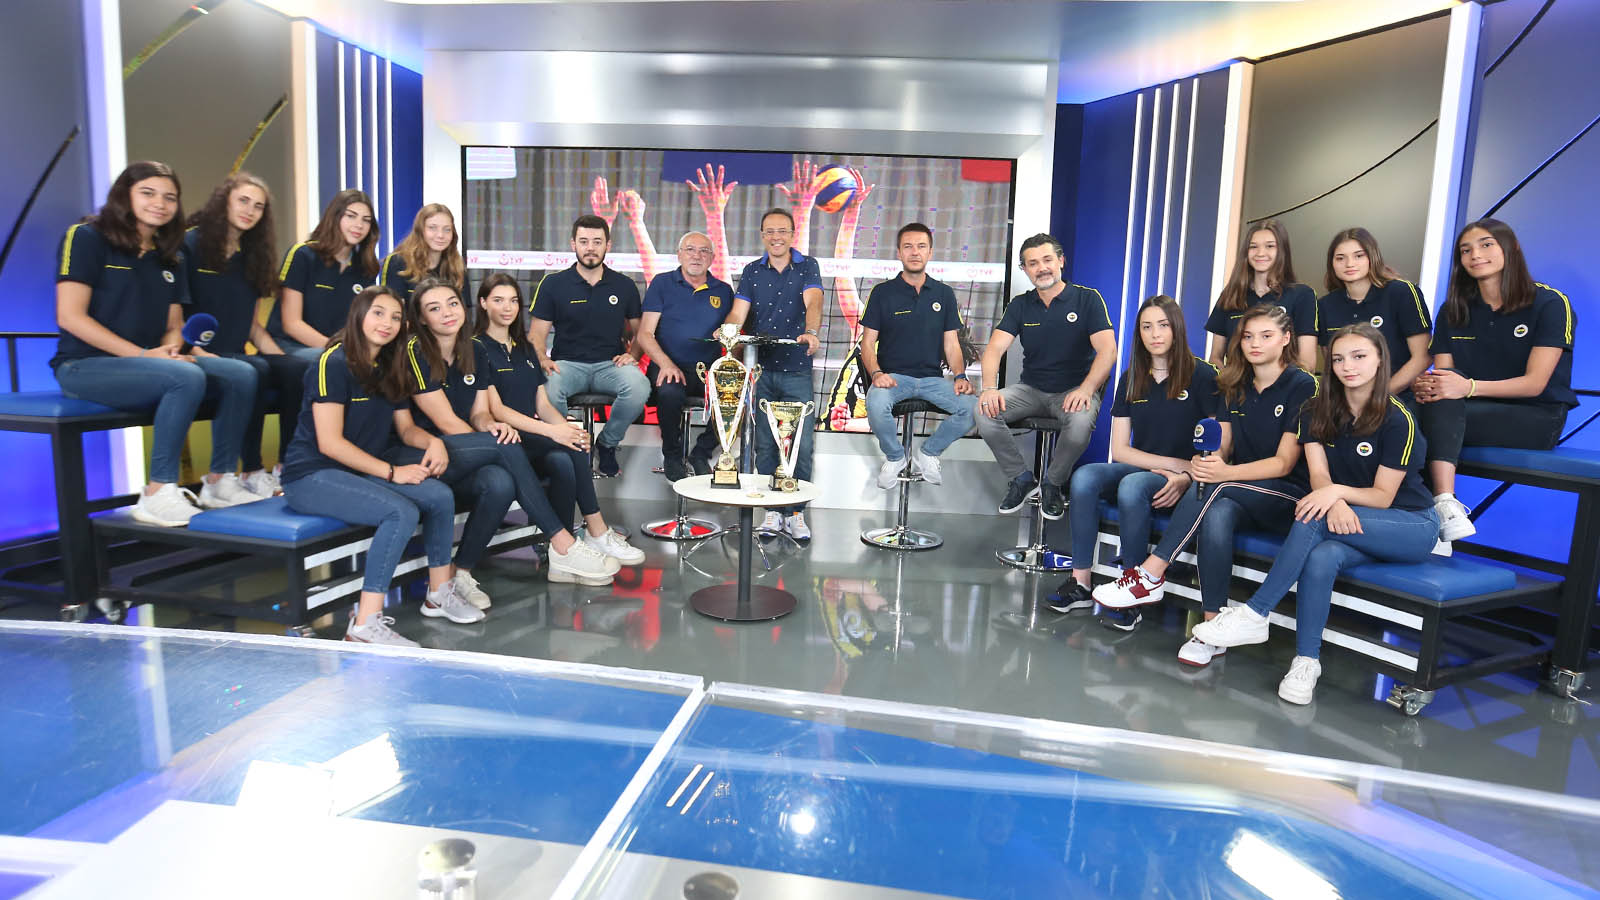 Yıldız Kız Voleybol Takımımız şampiyonluğun hikayesini anlattı